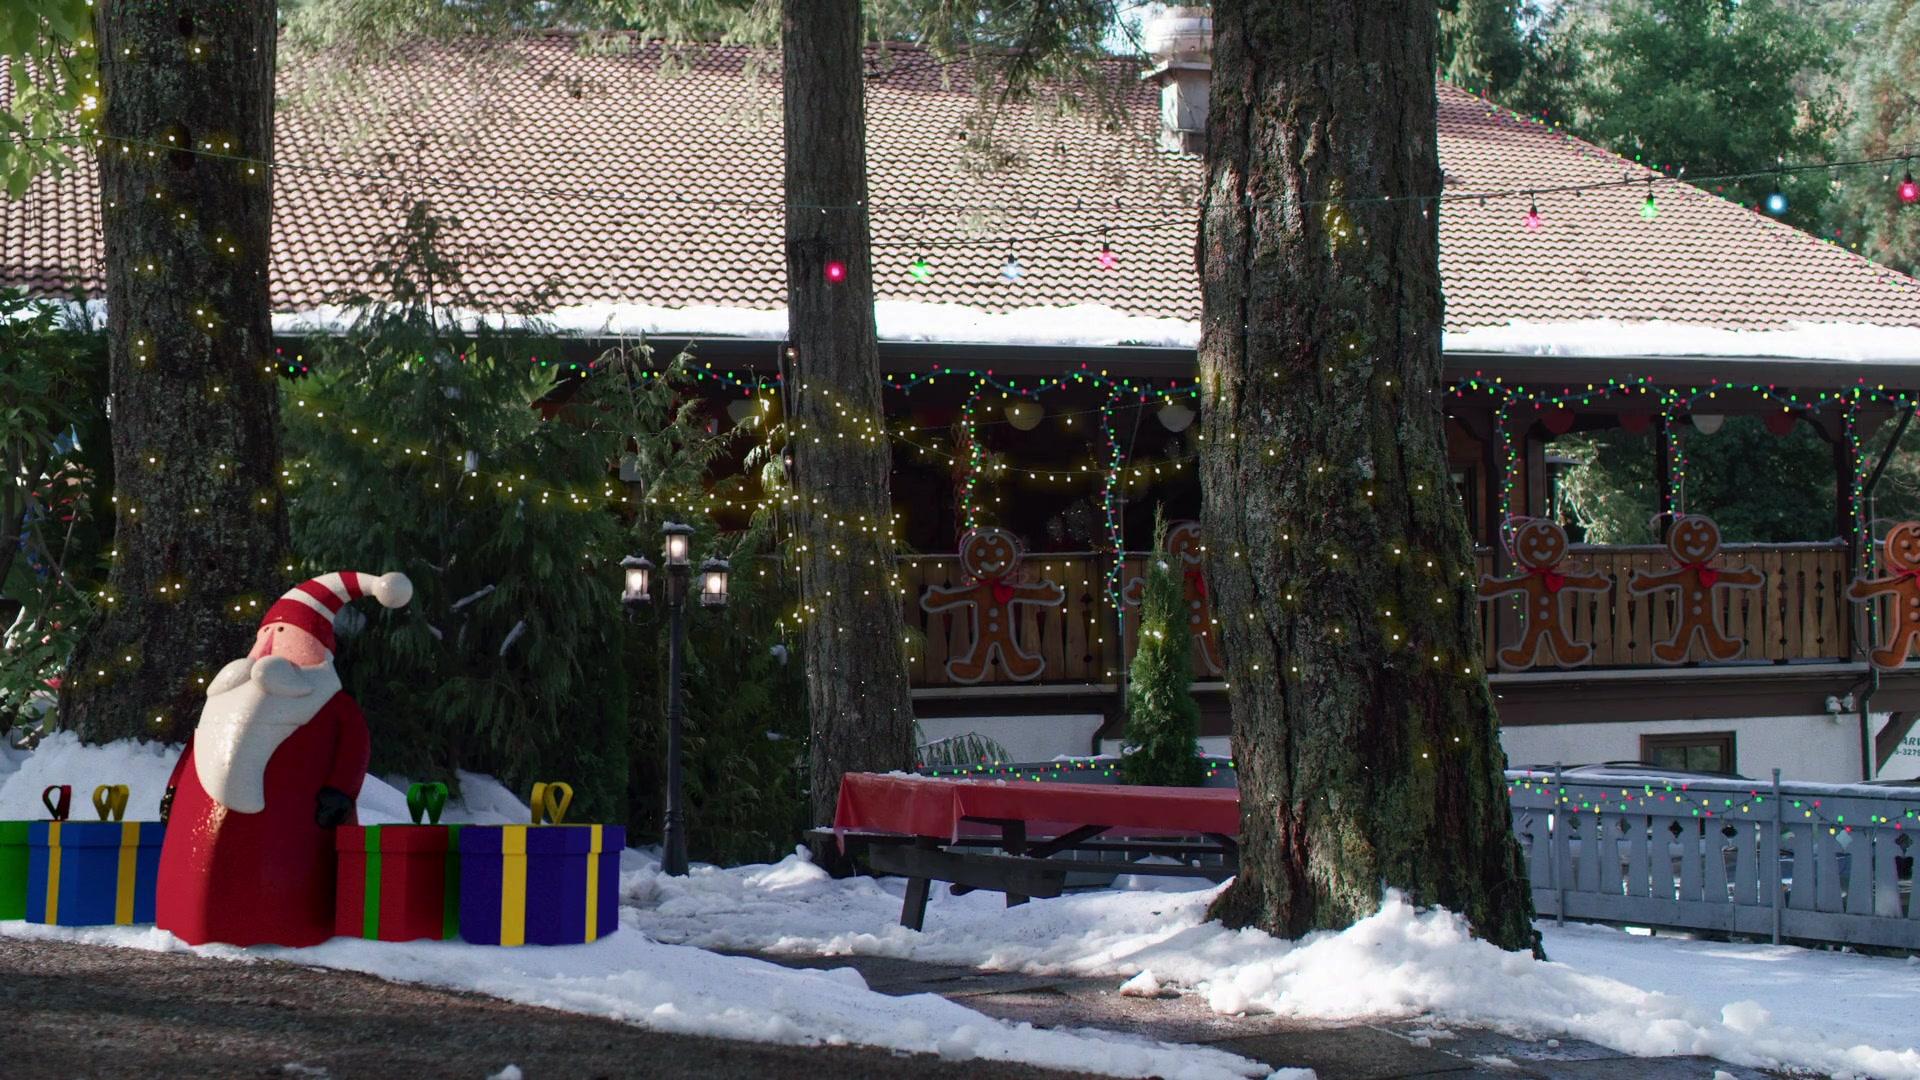 La città del Natale film dove è girato